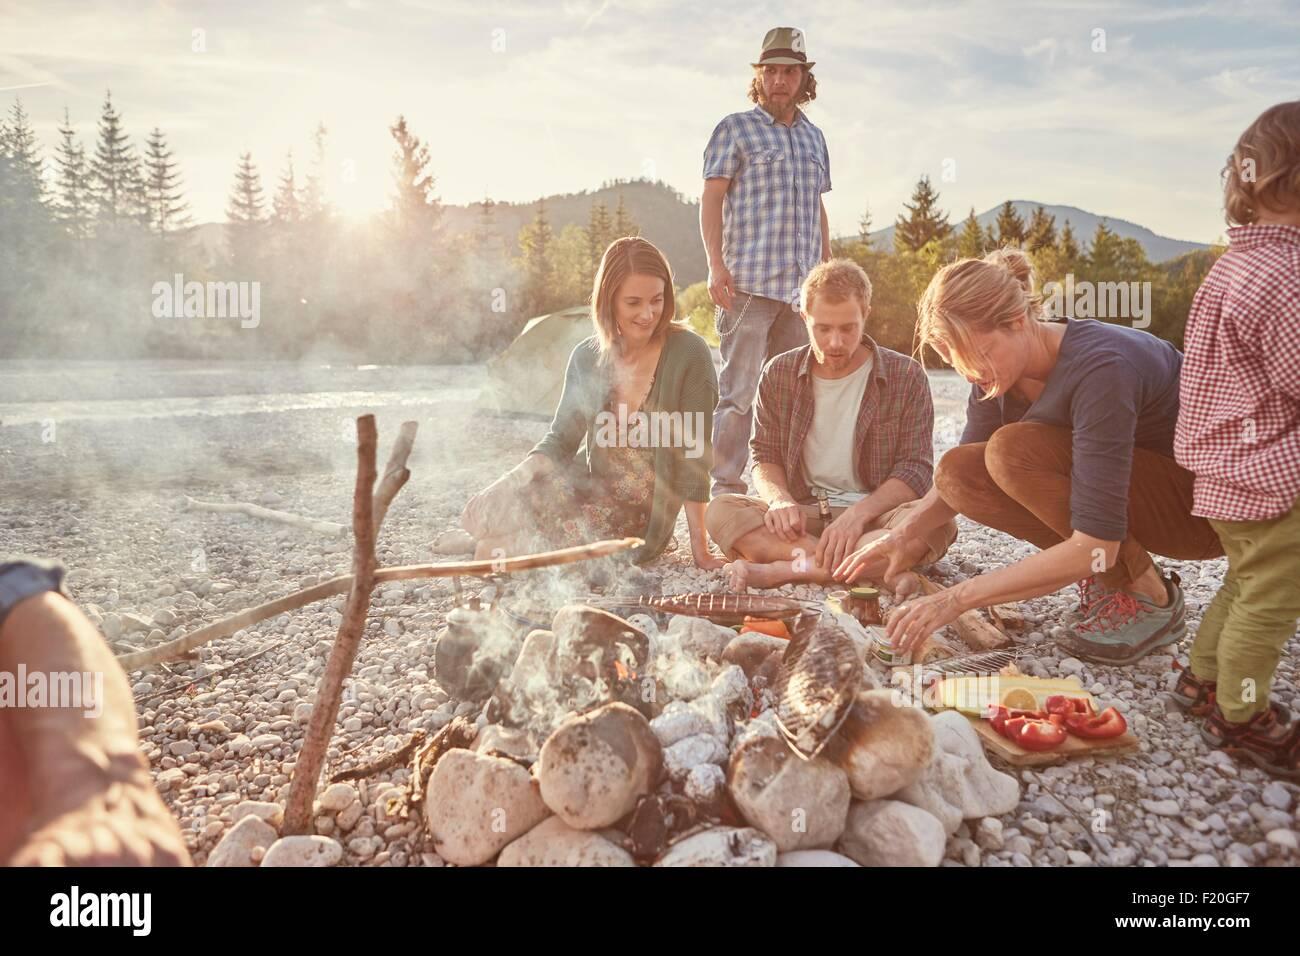 Familia sentados alrededor de una fogata preparando la comida Imagen De Stock